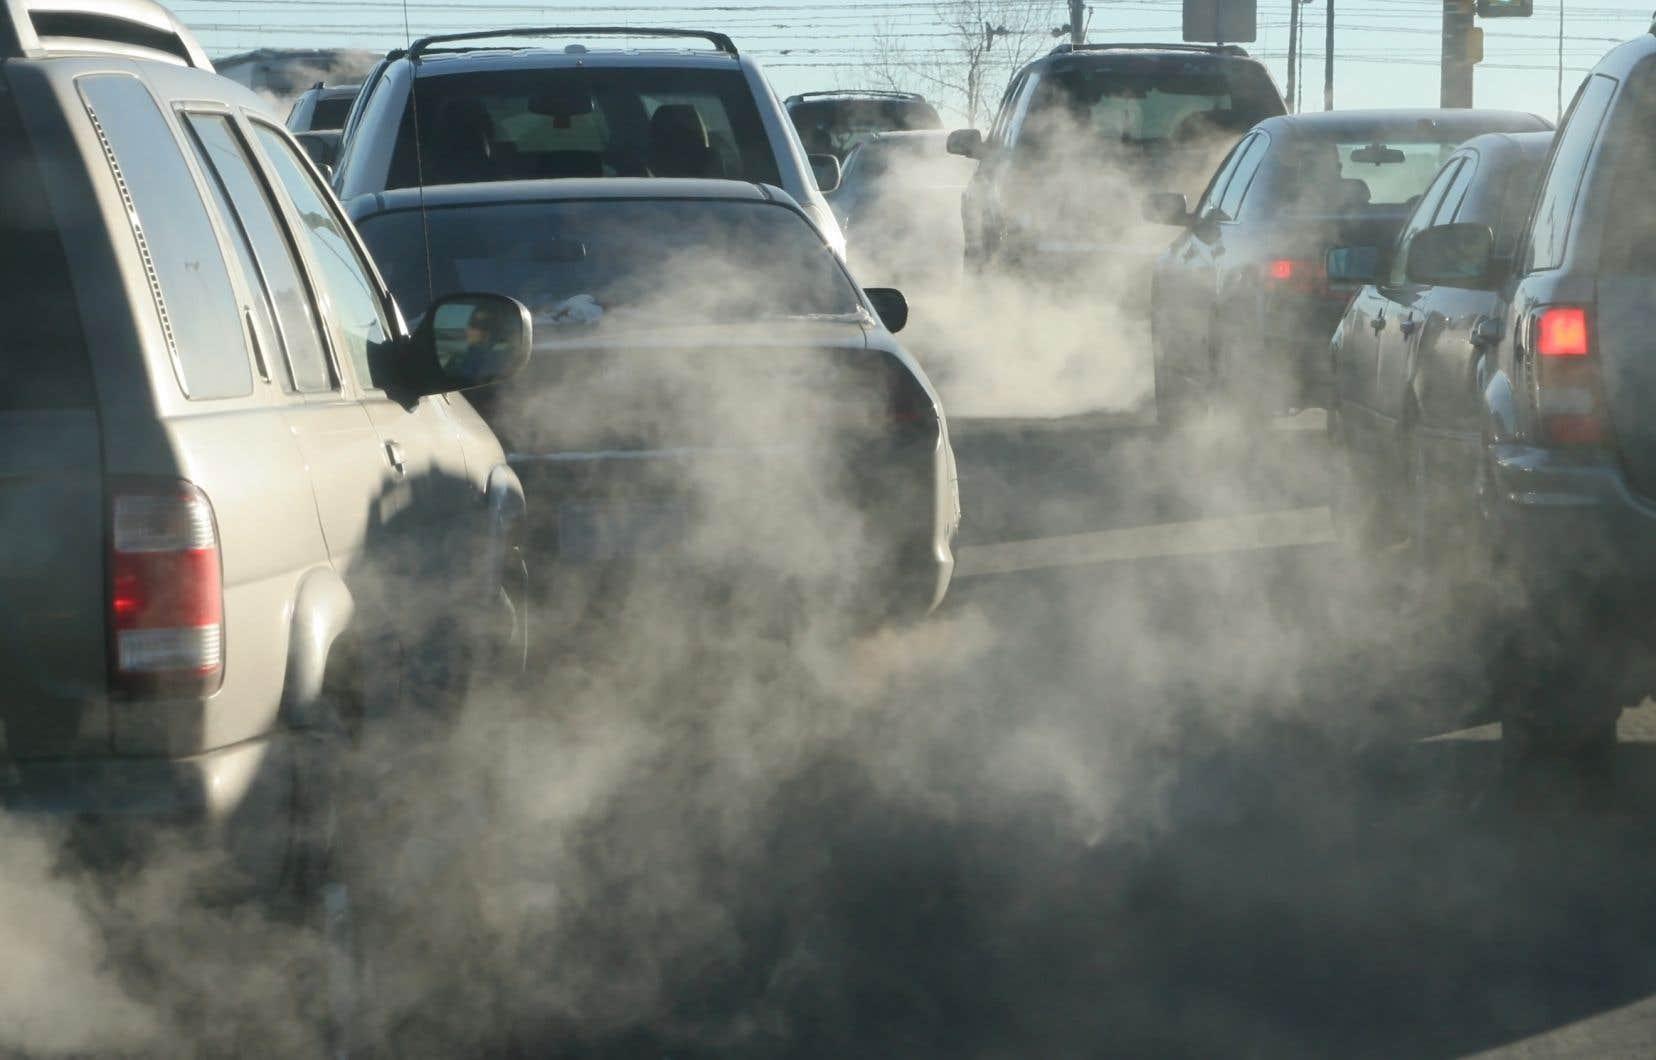 <p>Le rapport estime que la pollution de l'air cause 6 à 7millions de morts prématurées chaque année.</p>